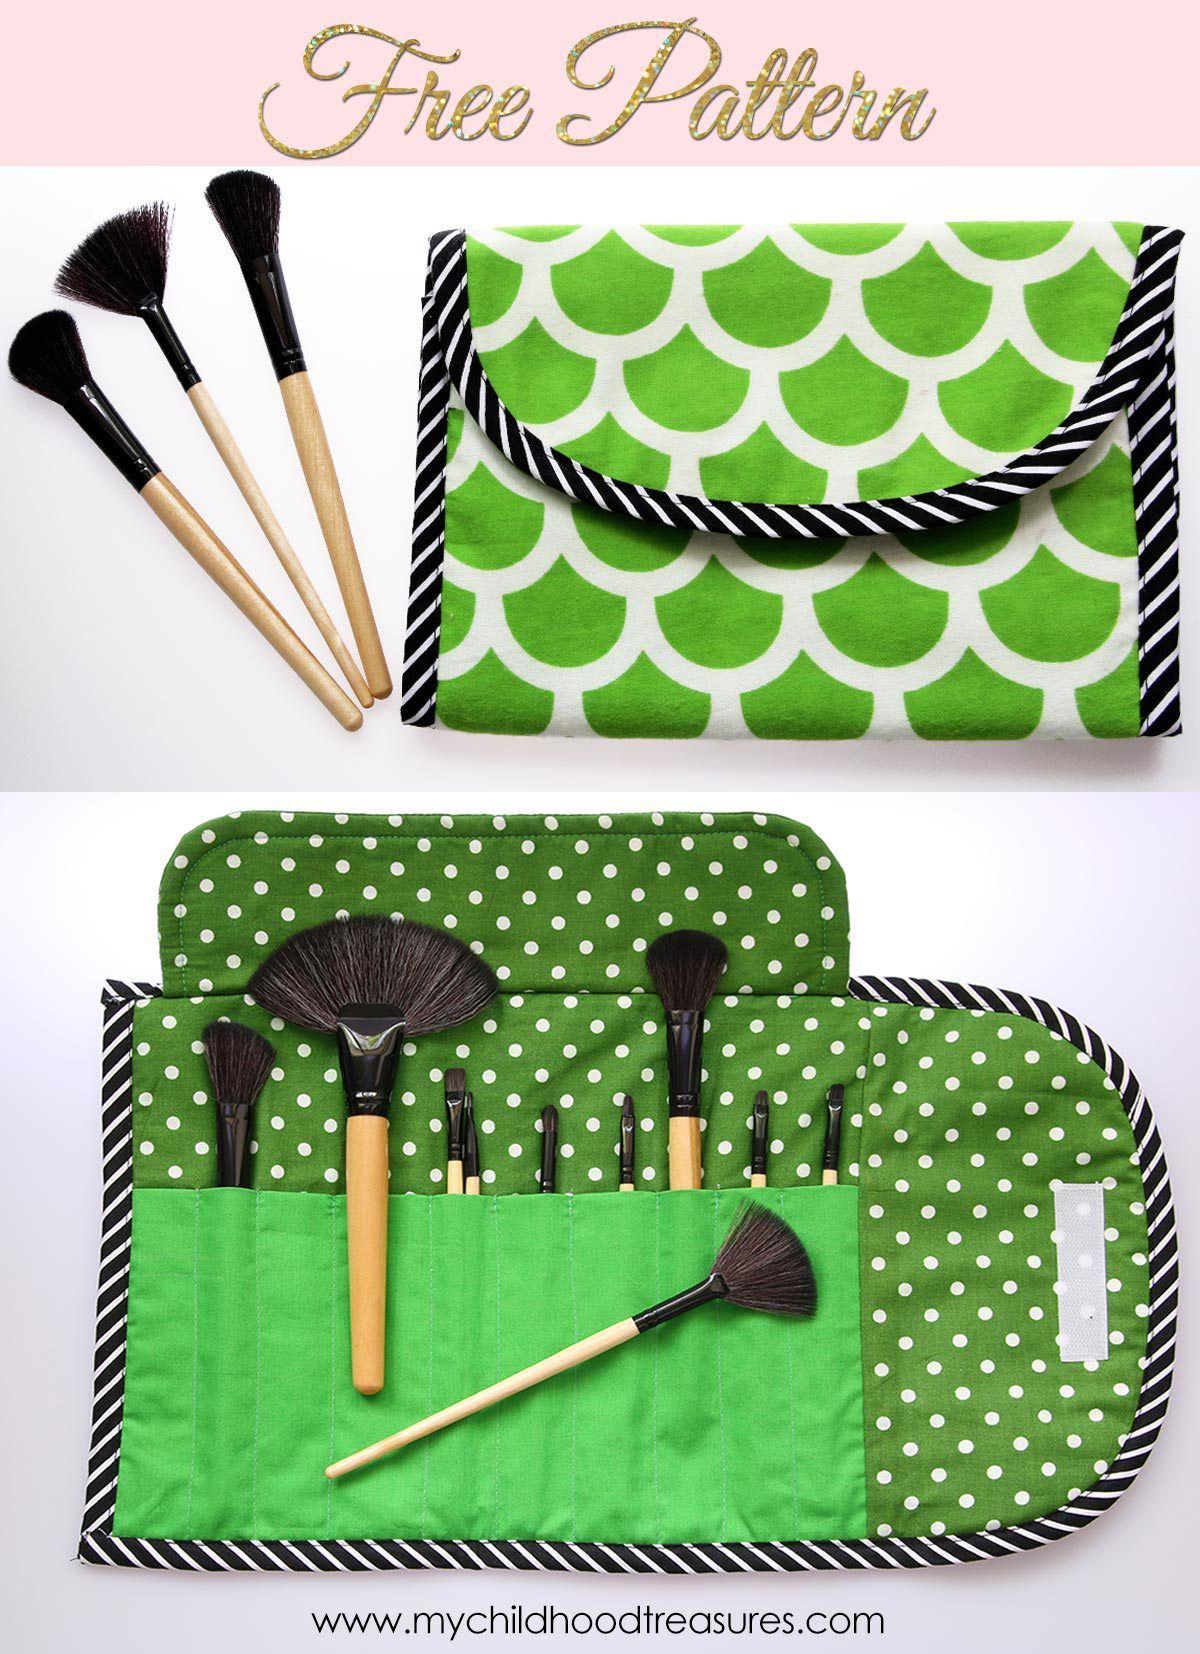 DIY Makeup Brush Holder {Brush Roll} Free Pattern Diy